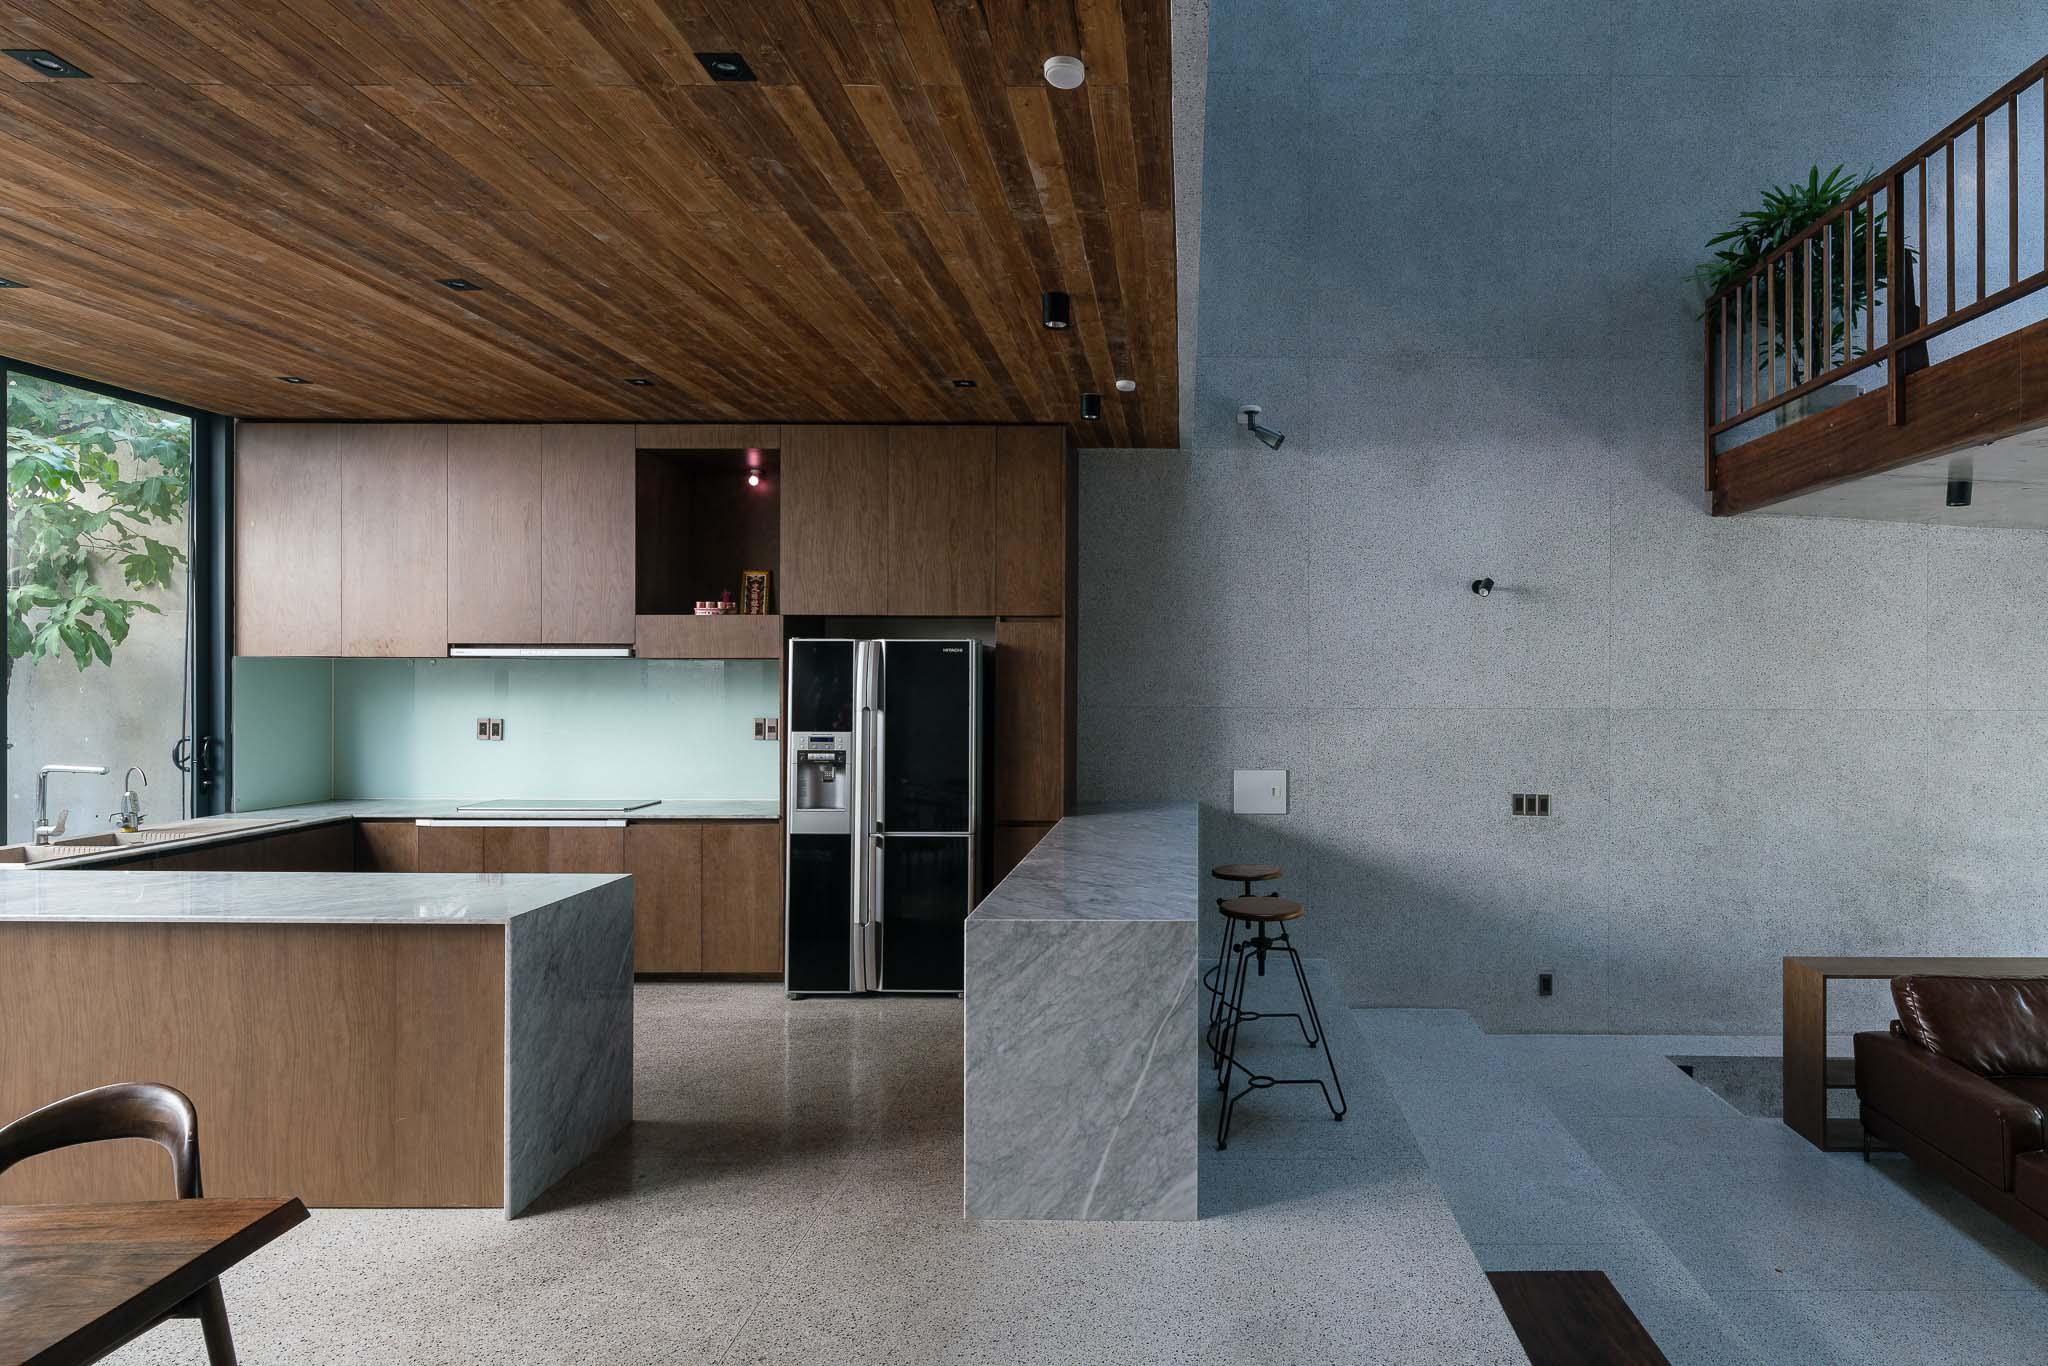 Bếp nằm phía sau phòng khách. Sự thay đổi về chiều cao tạo nên ranh giới giữa các không gian chức năng.